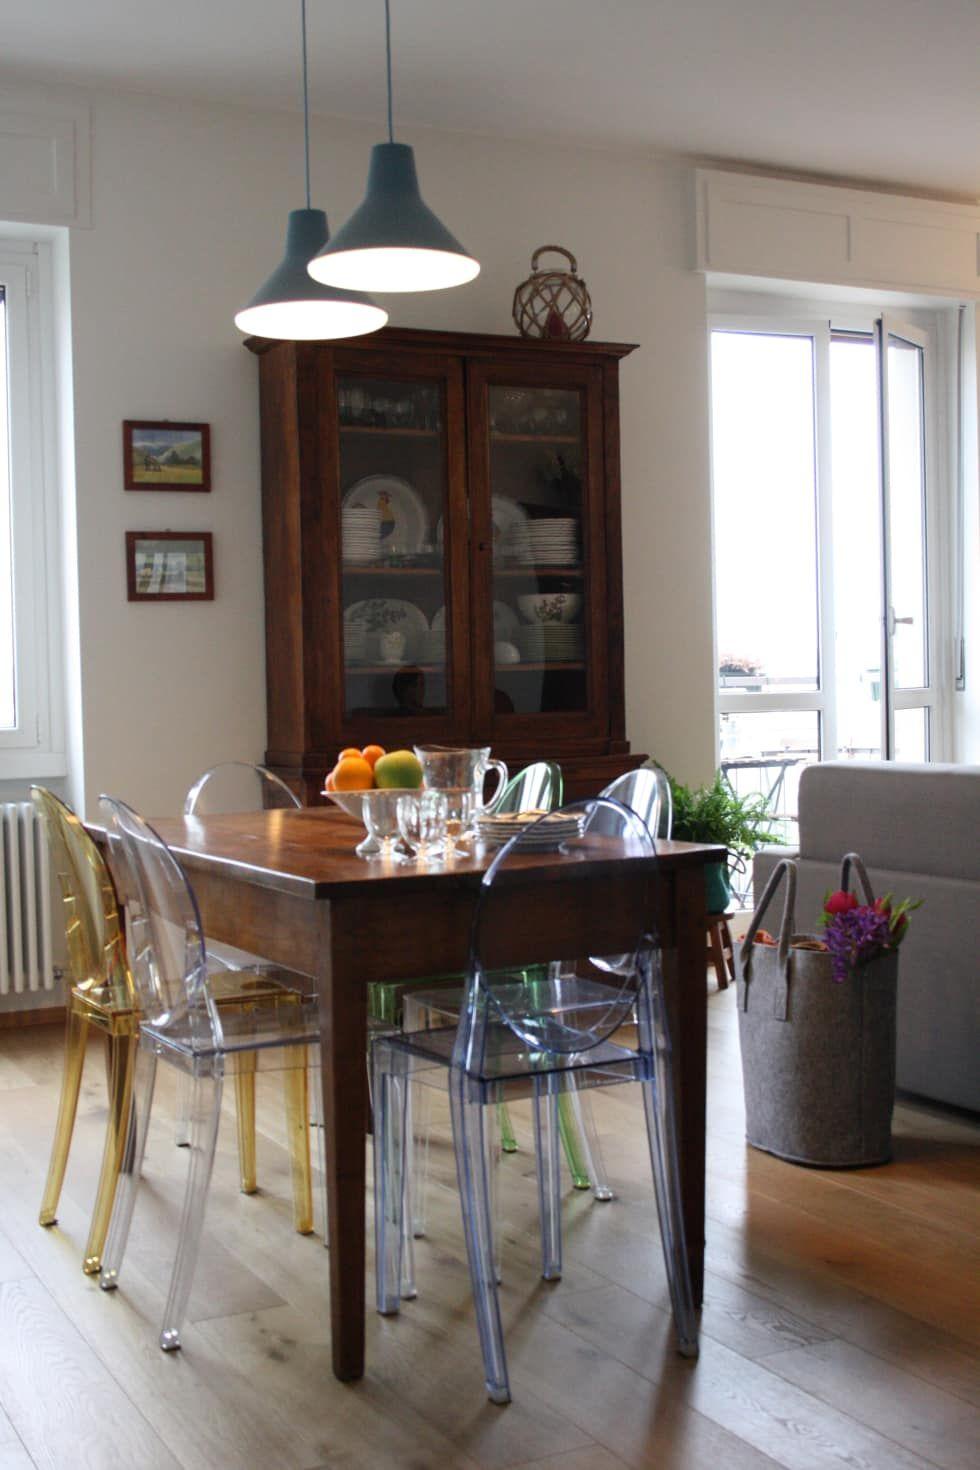 Casa dei colori studio ferlazzo natoli sala da pranzo ...